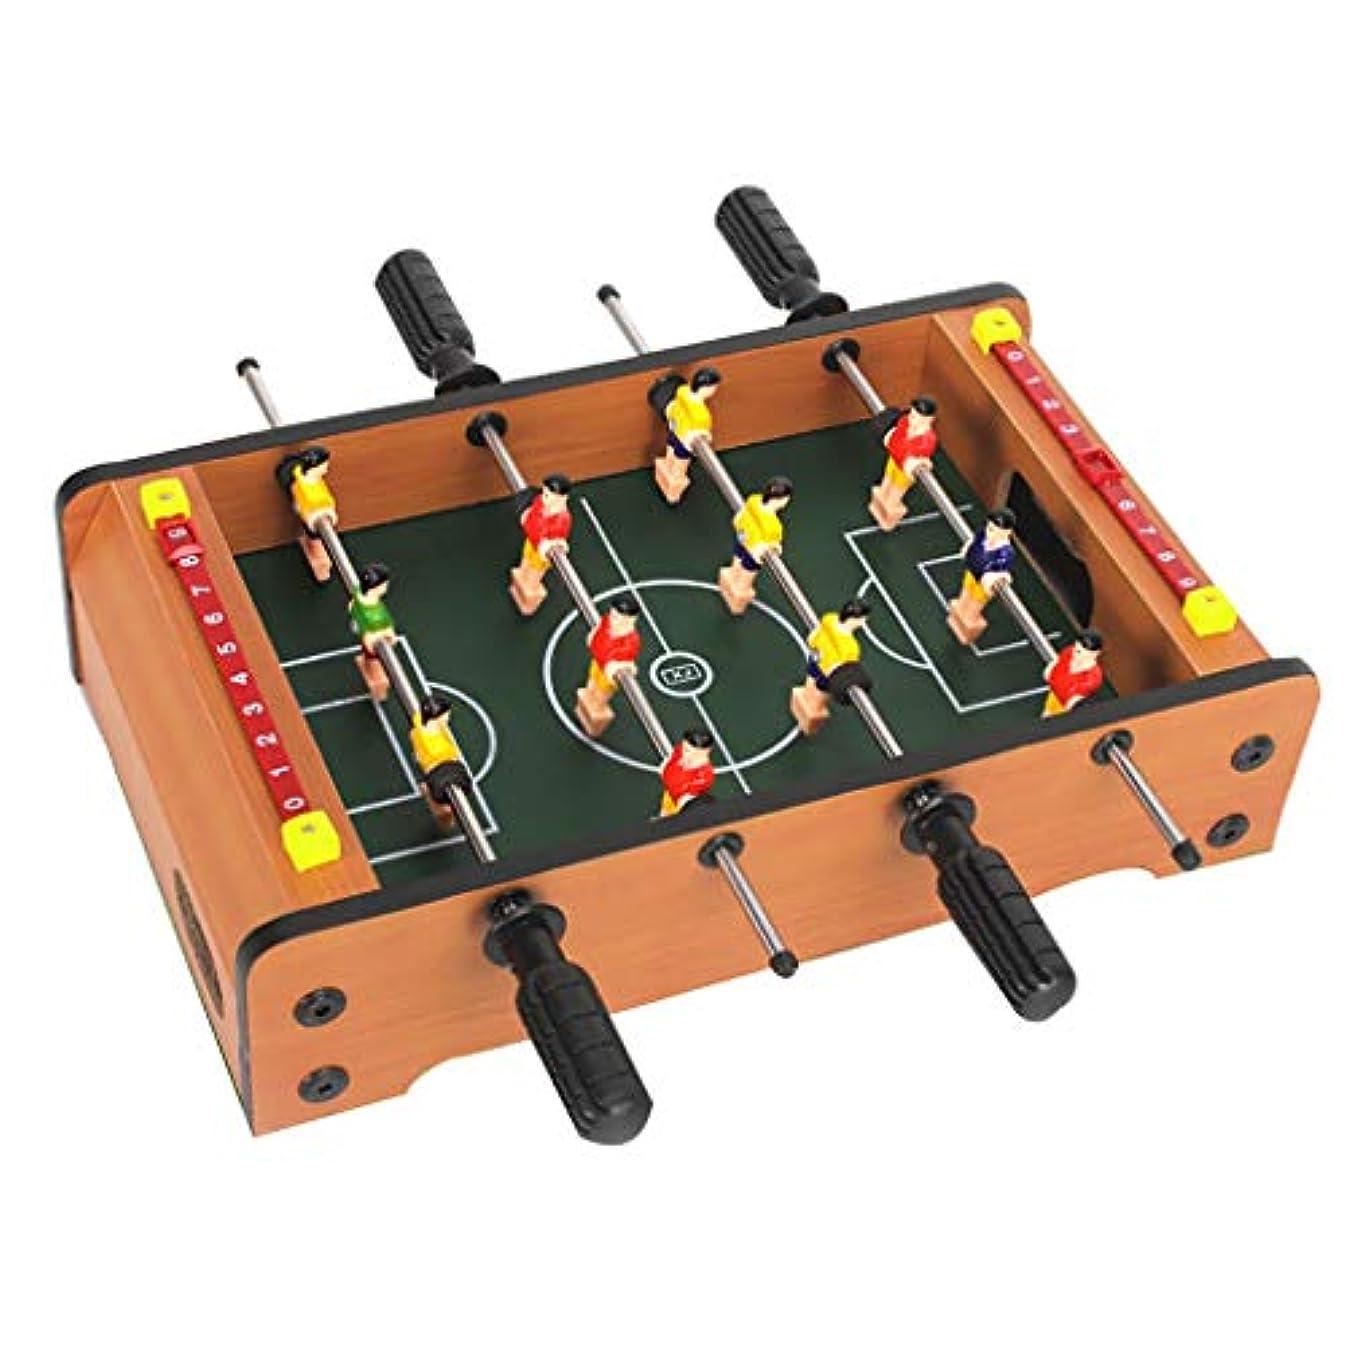 前置詞姿勢発揮するサッカーテーブルフーズボールテーブルテーブルゲームビリヤードテーブルサッカーゲーム減圧小道具パズルゲーム4歳以上に適した子供のためのギフト (Color : WOOD COLOR, Size : 50*25*15.5CM)